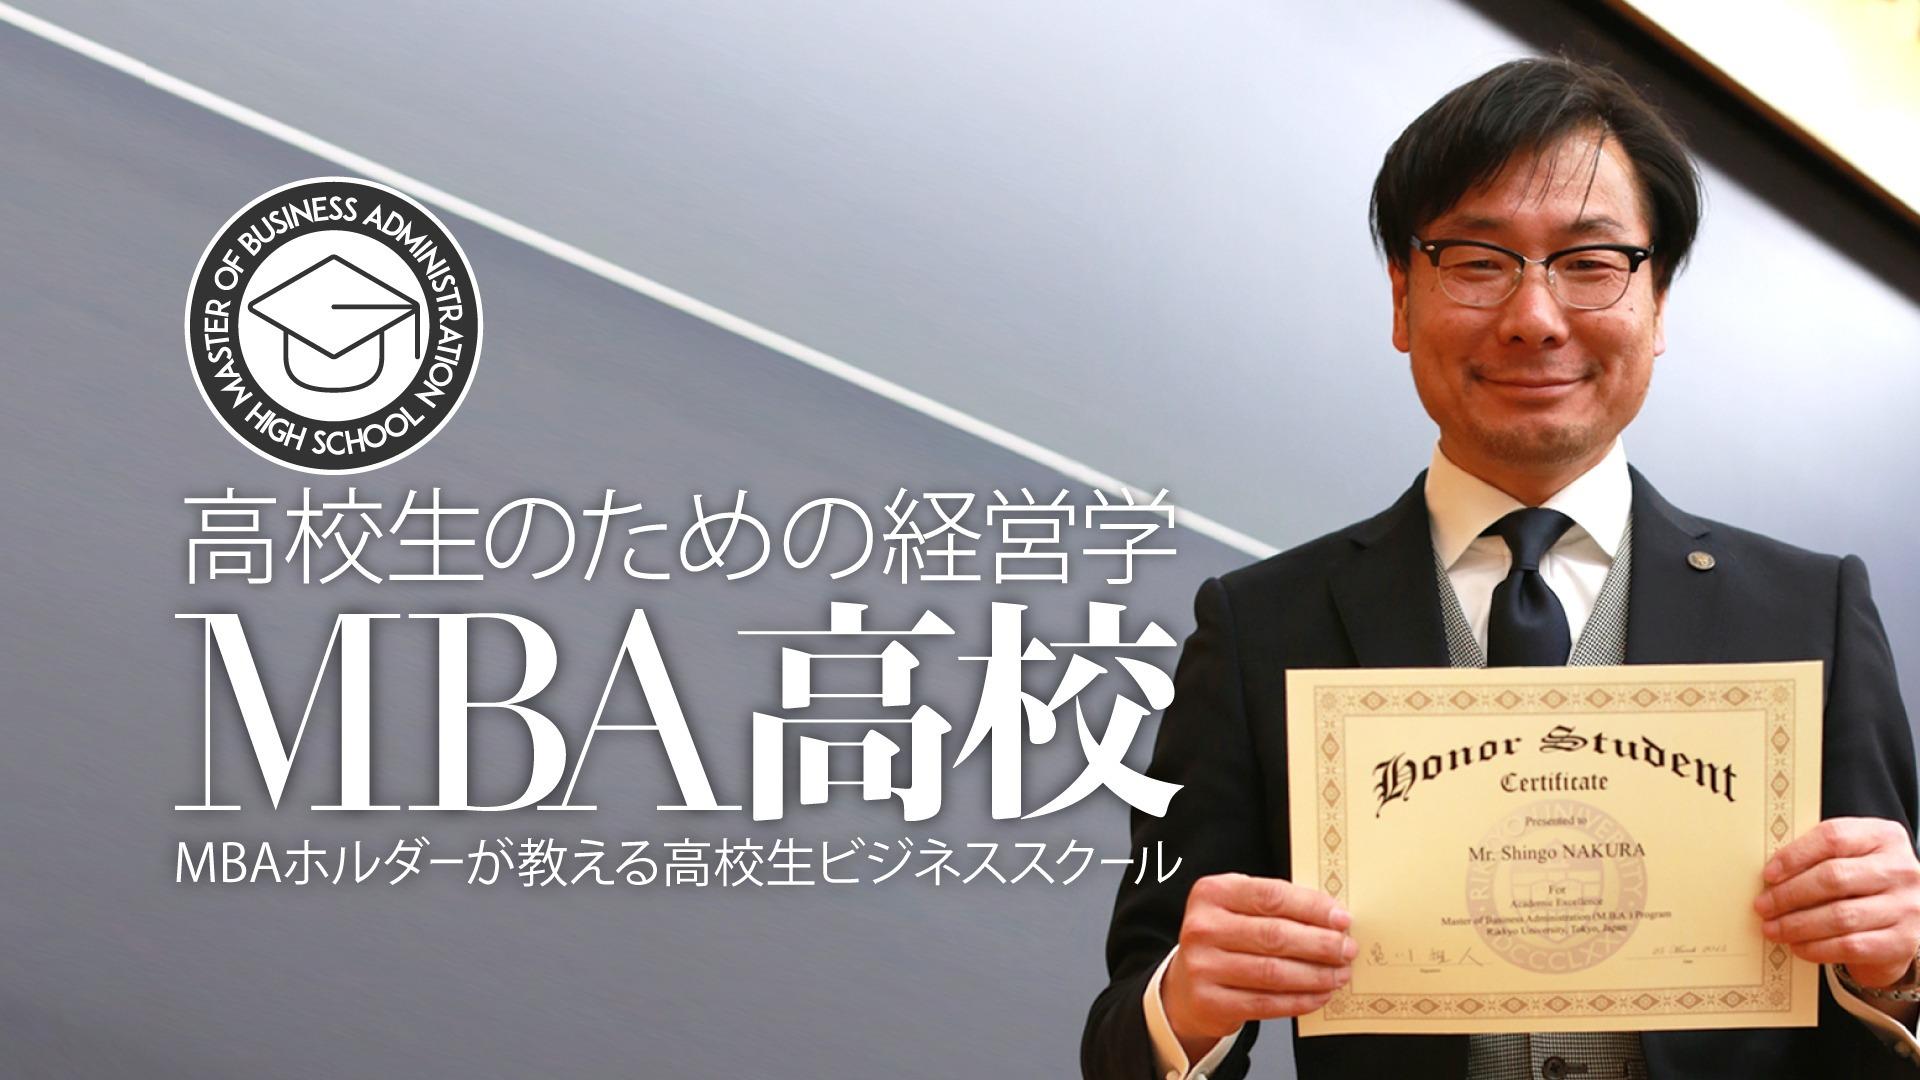 高校生のための経営学「MBA高校」